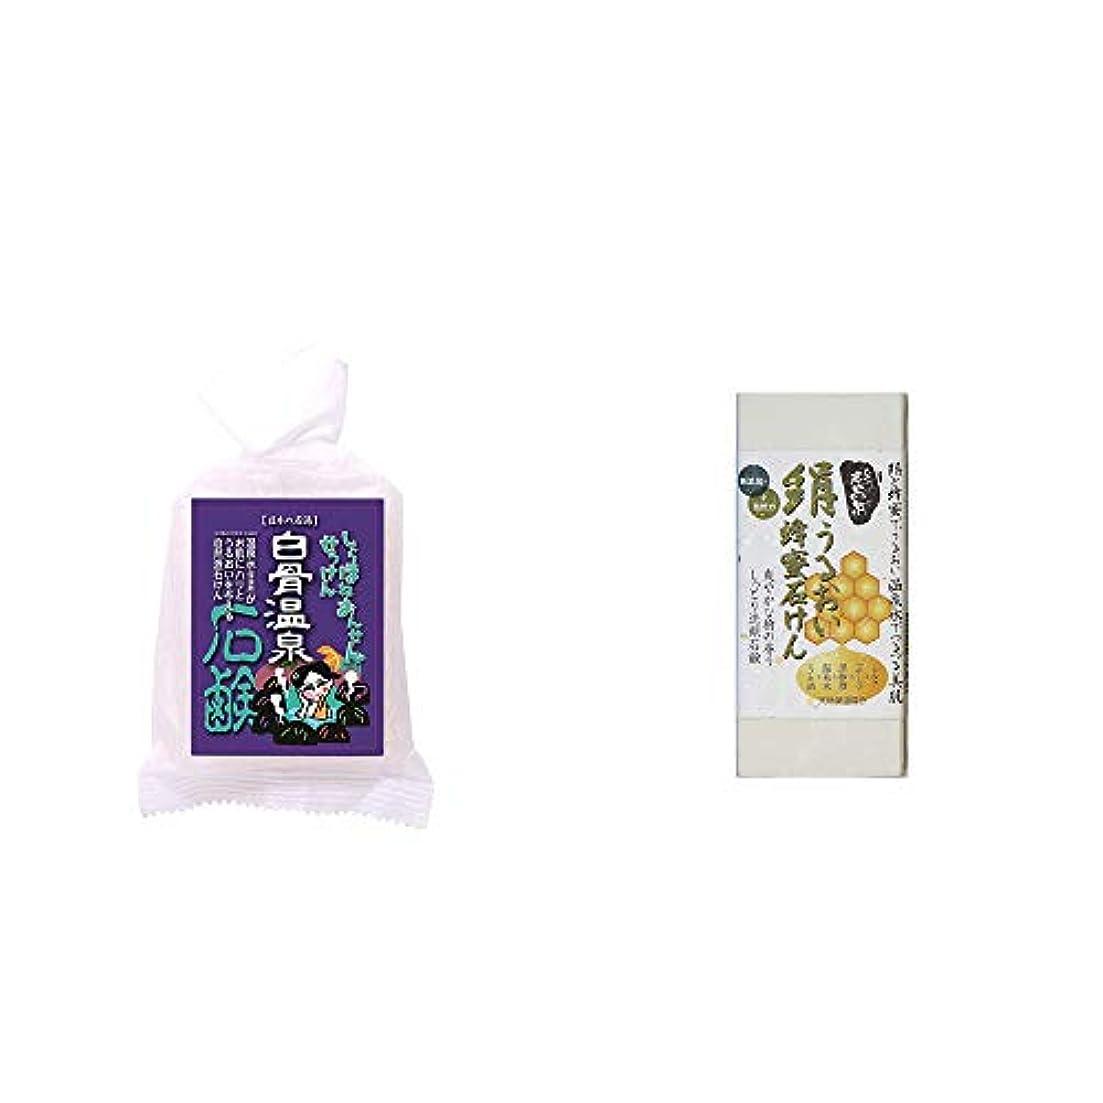 避けられないクランプ教会[2点セット] 信州 白骨温泉石鹸(80g)?ひのき炭黒泉 絹うるおい蜂蜜石けん(75g×2)